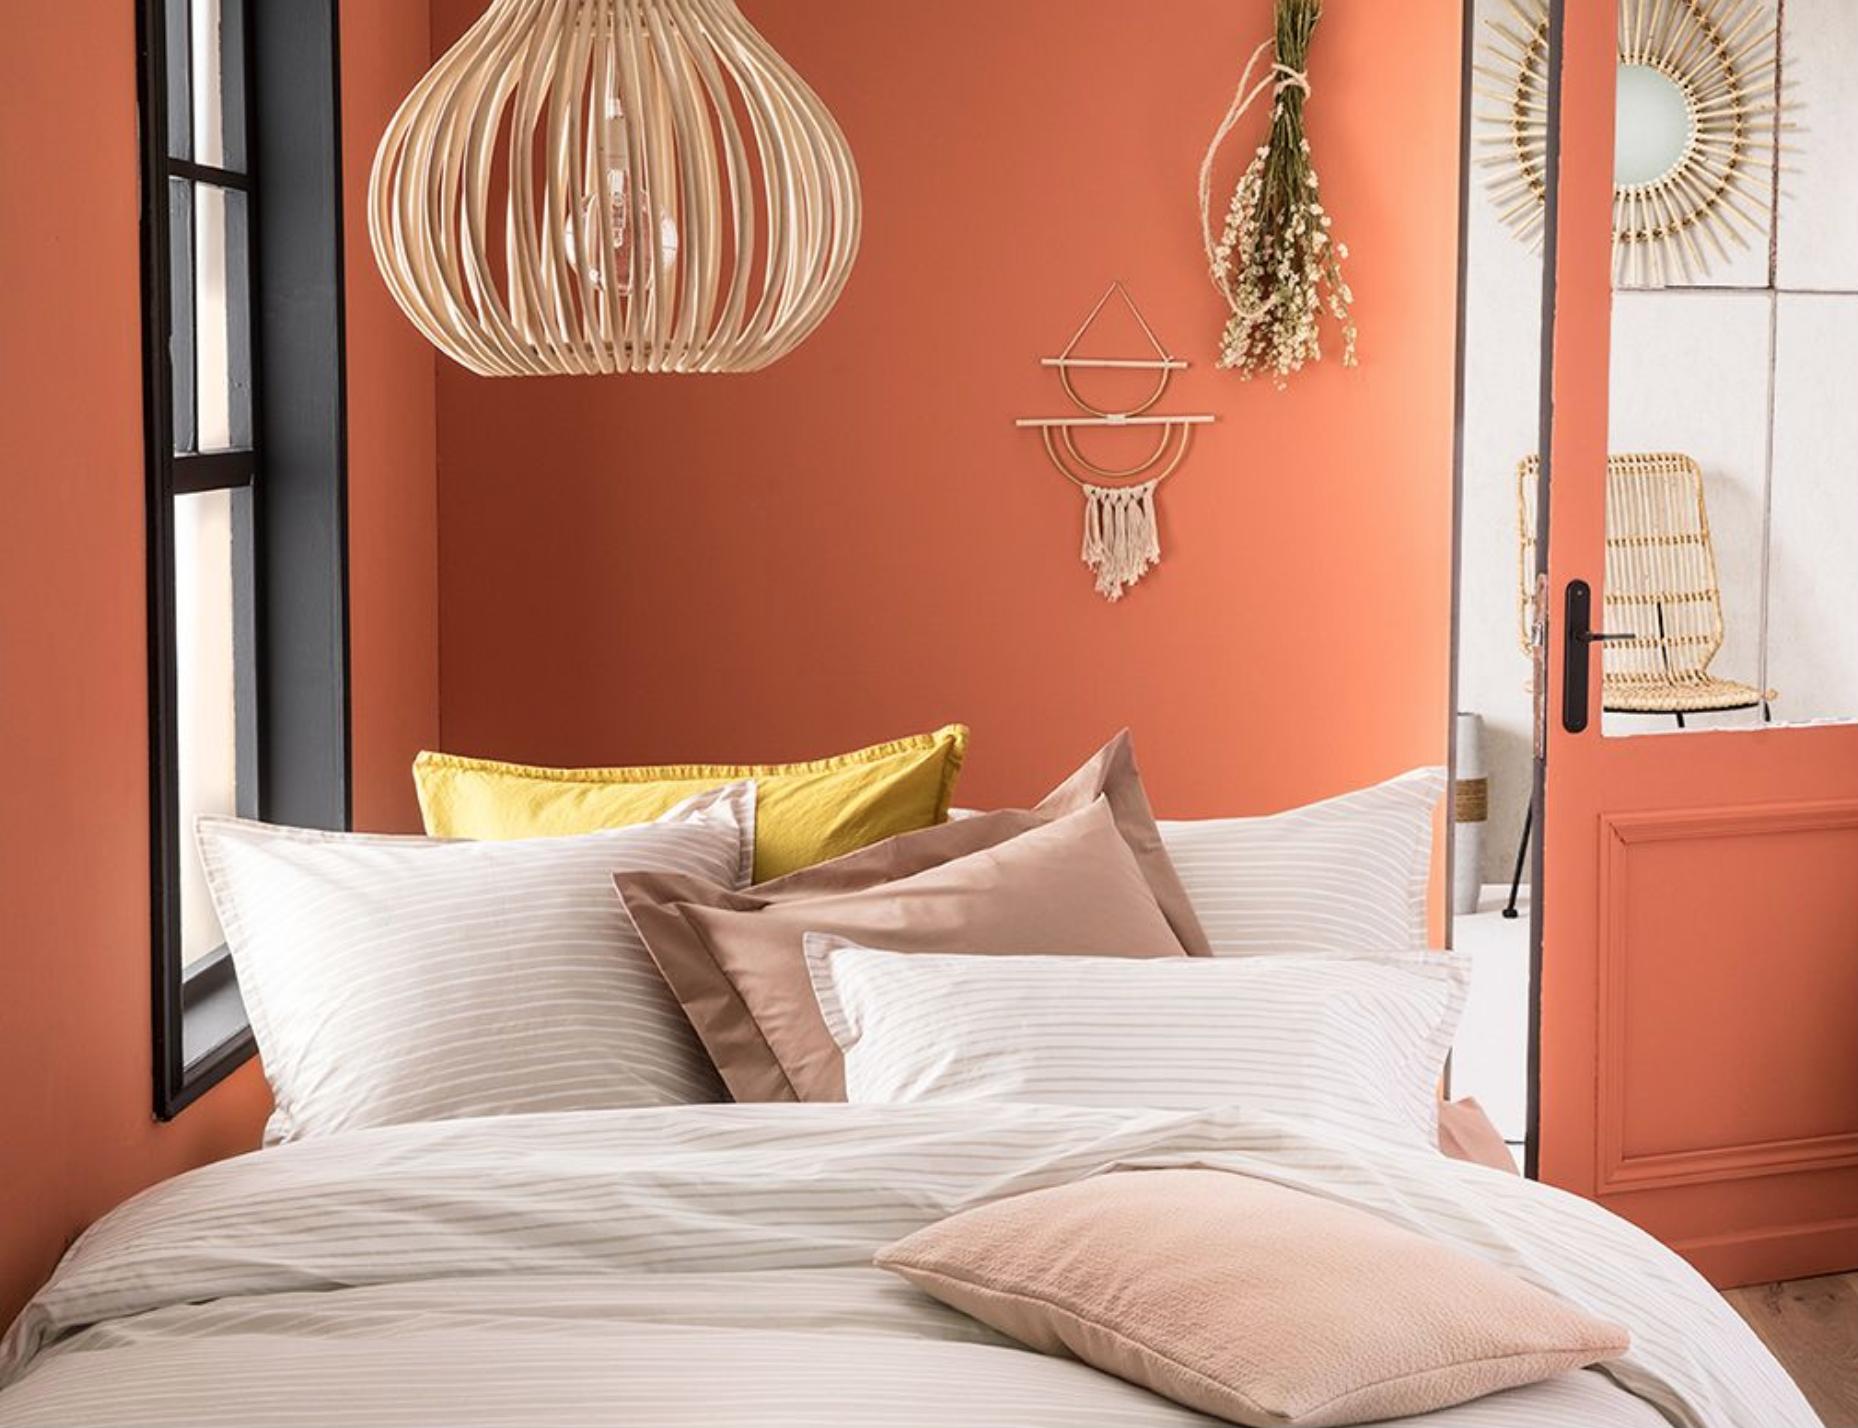 FretBay deco maison ecologique décoration meubles écologie